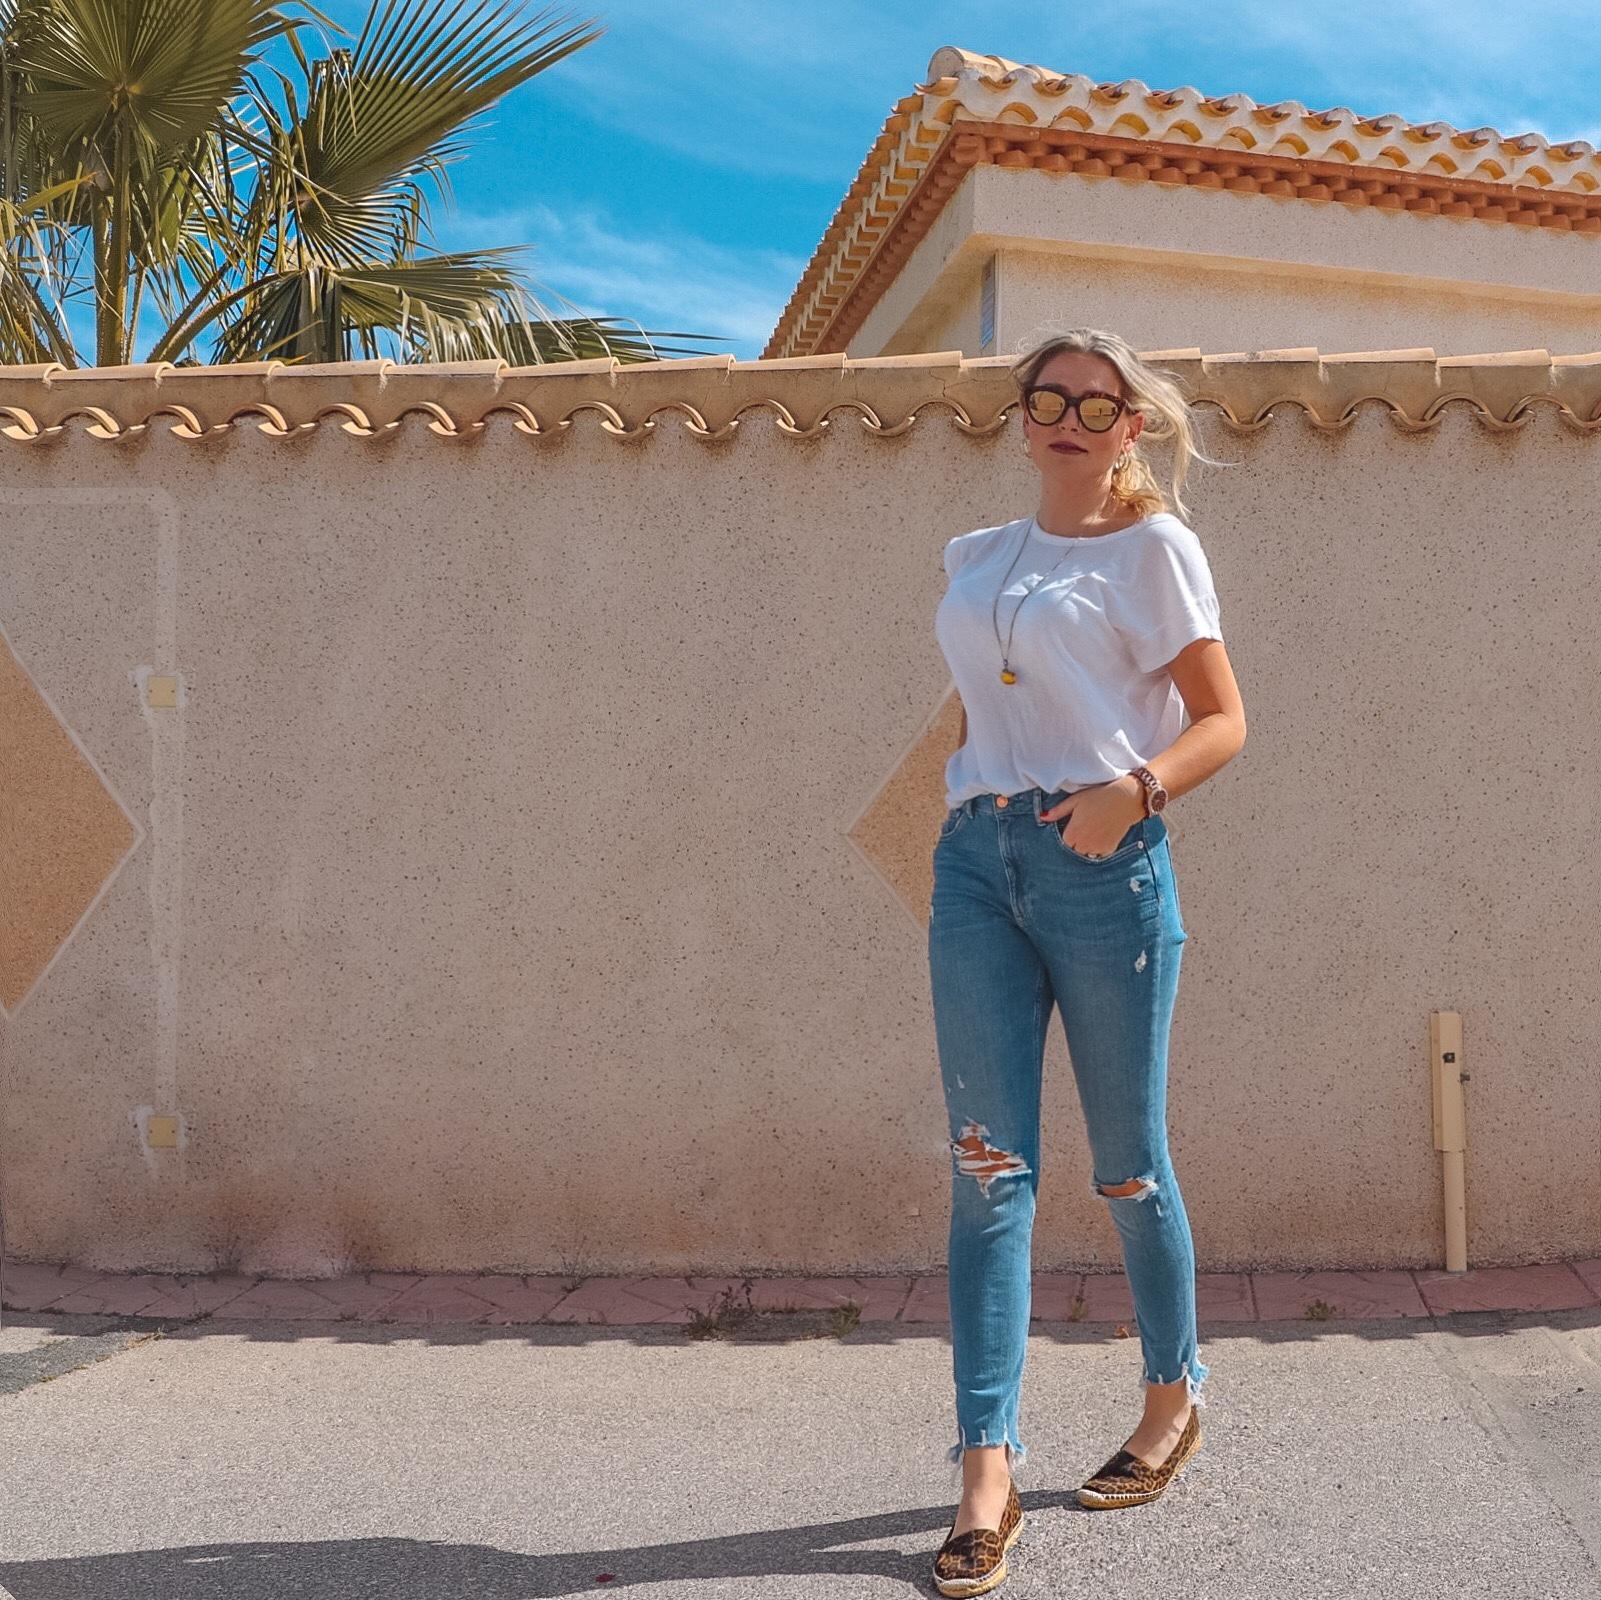 1848259da478 Här kommer en dagens outfit från Spanien. En väldigt enkel sådan, men det  är också det som är själva grejen. Det är många dagar då jeans och T-shirt  eller ...